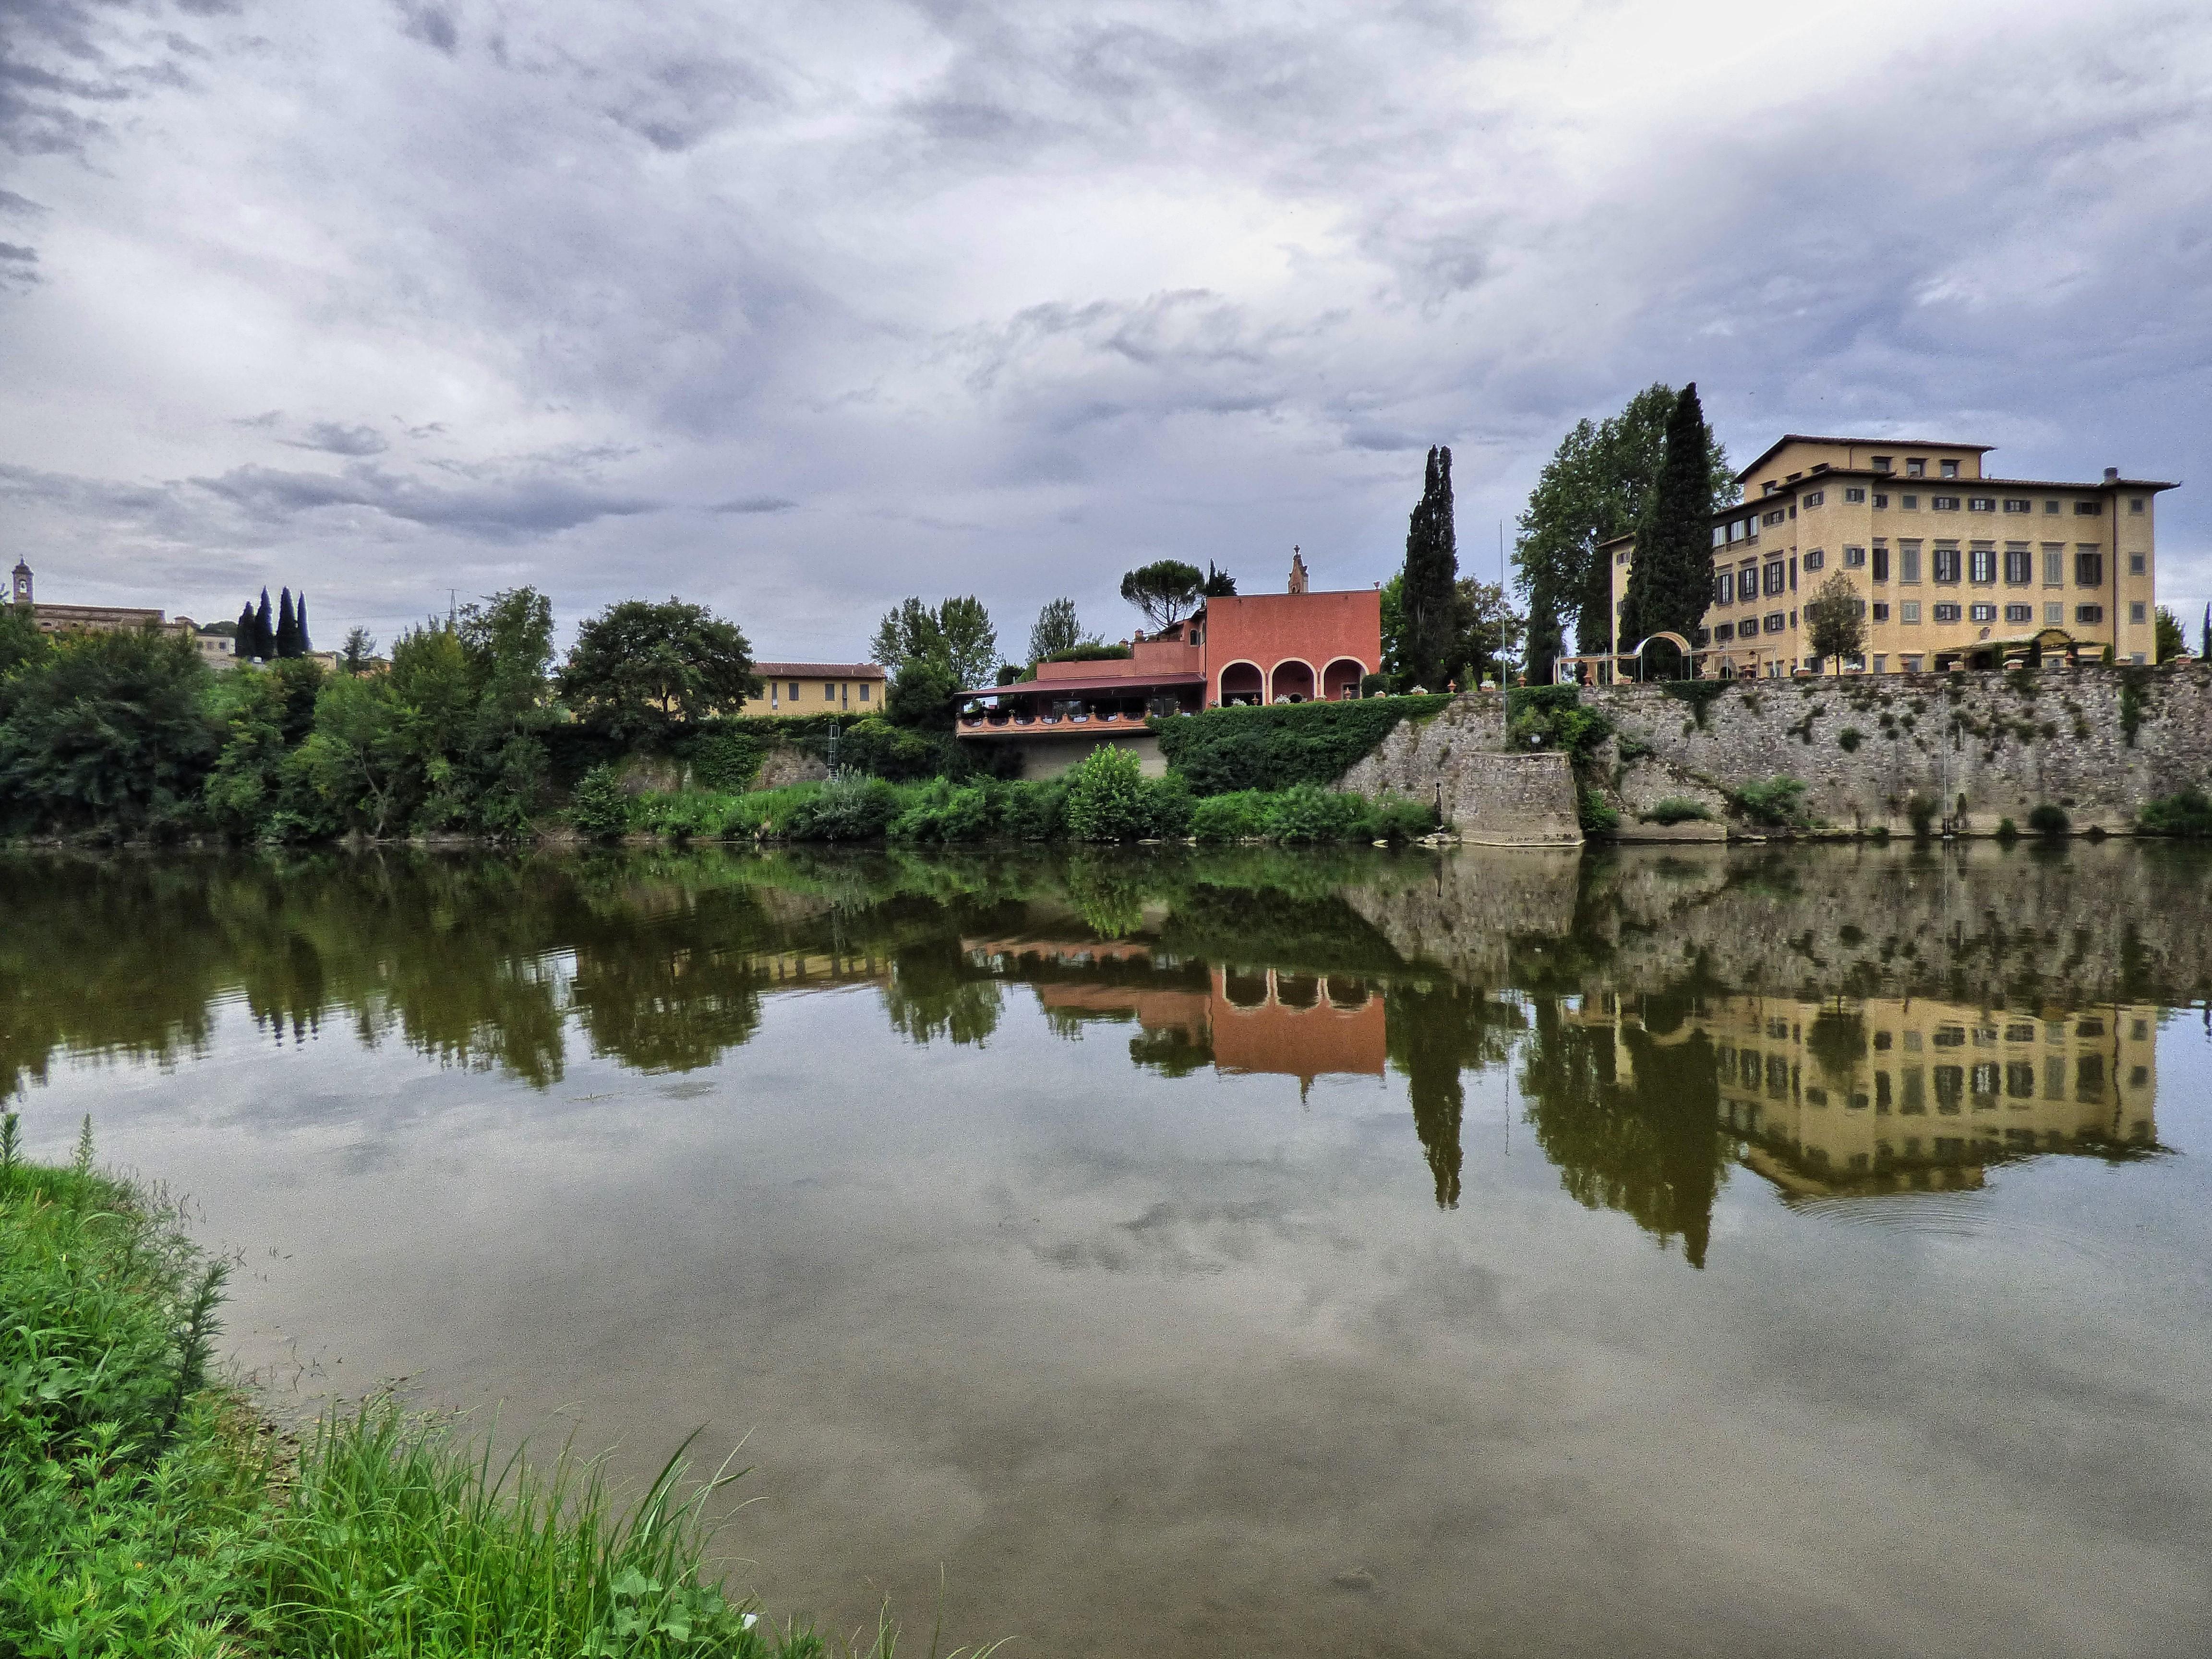 Lungarno, vista de Girone - 4608x3456